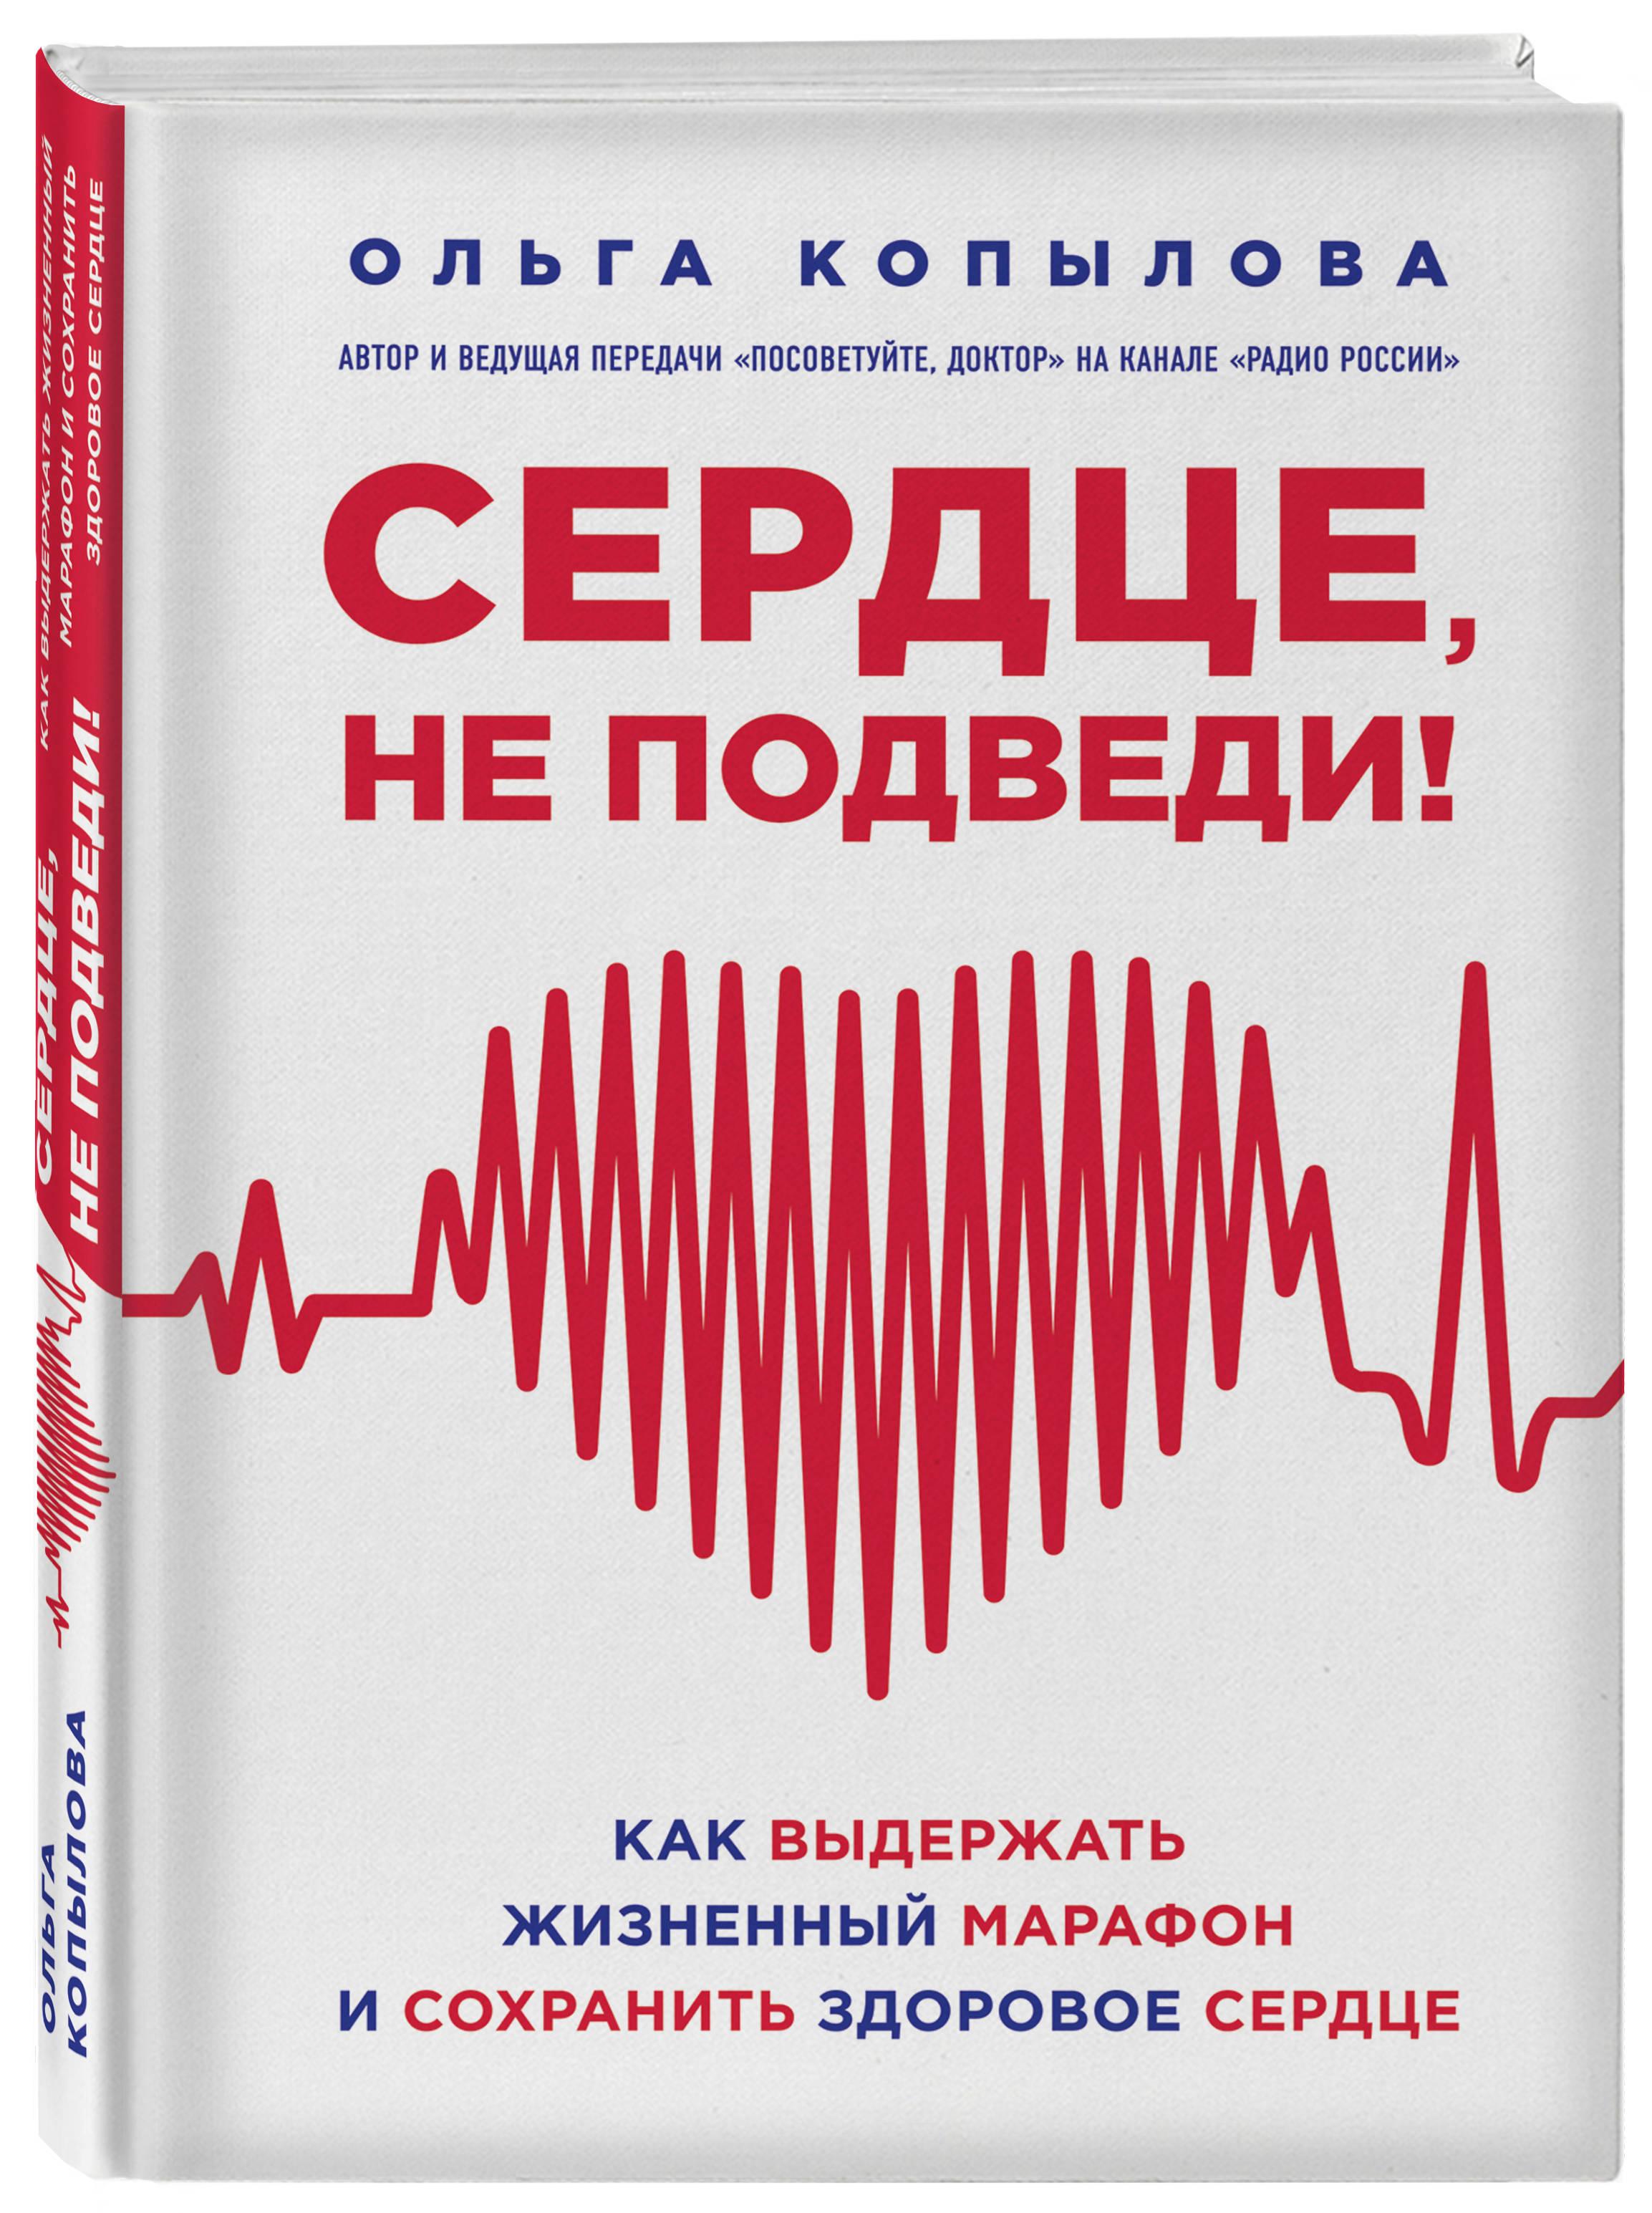 Сердце, не подведи. Как выдержать жизненный марафон и сохранить здоровое сердце ( Копылова О.С.  )